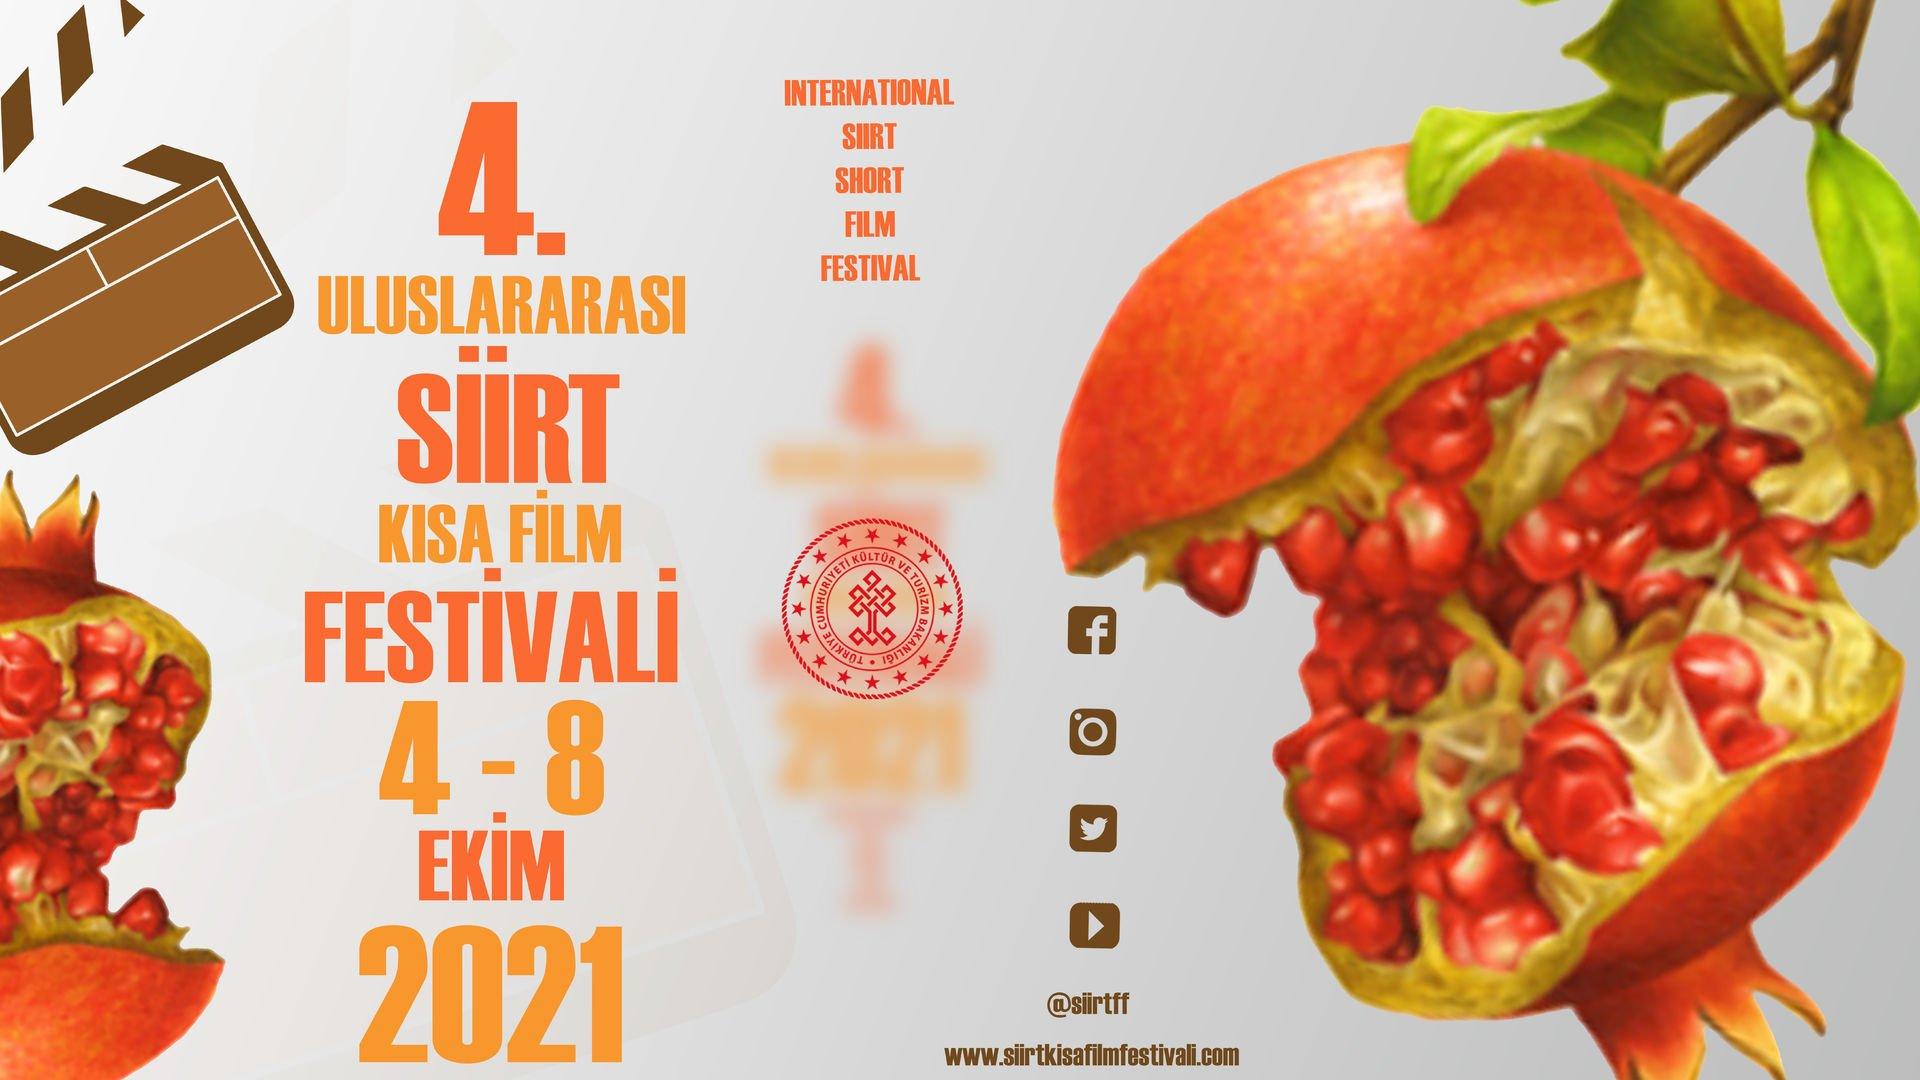 Siirt Uluslararası Kısa Film Festivali'nin ana jüri üyeleri belli oldu